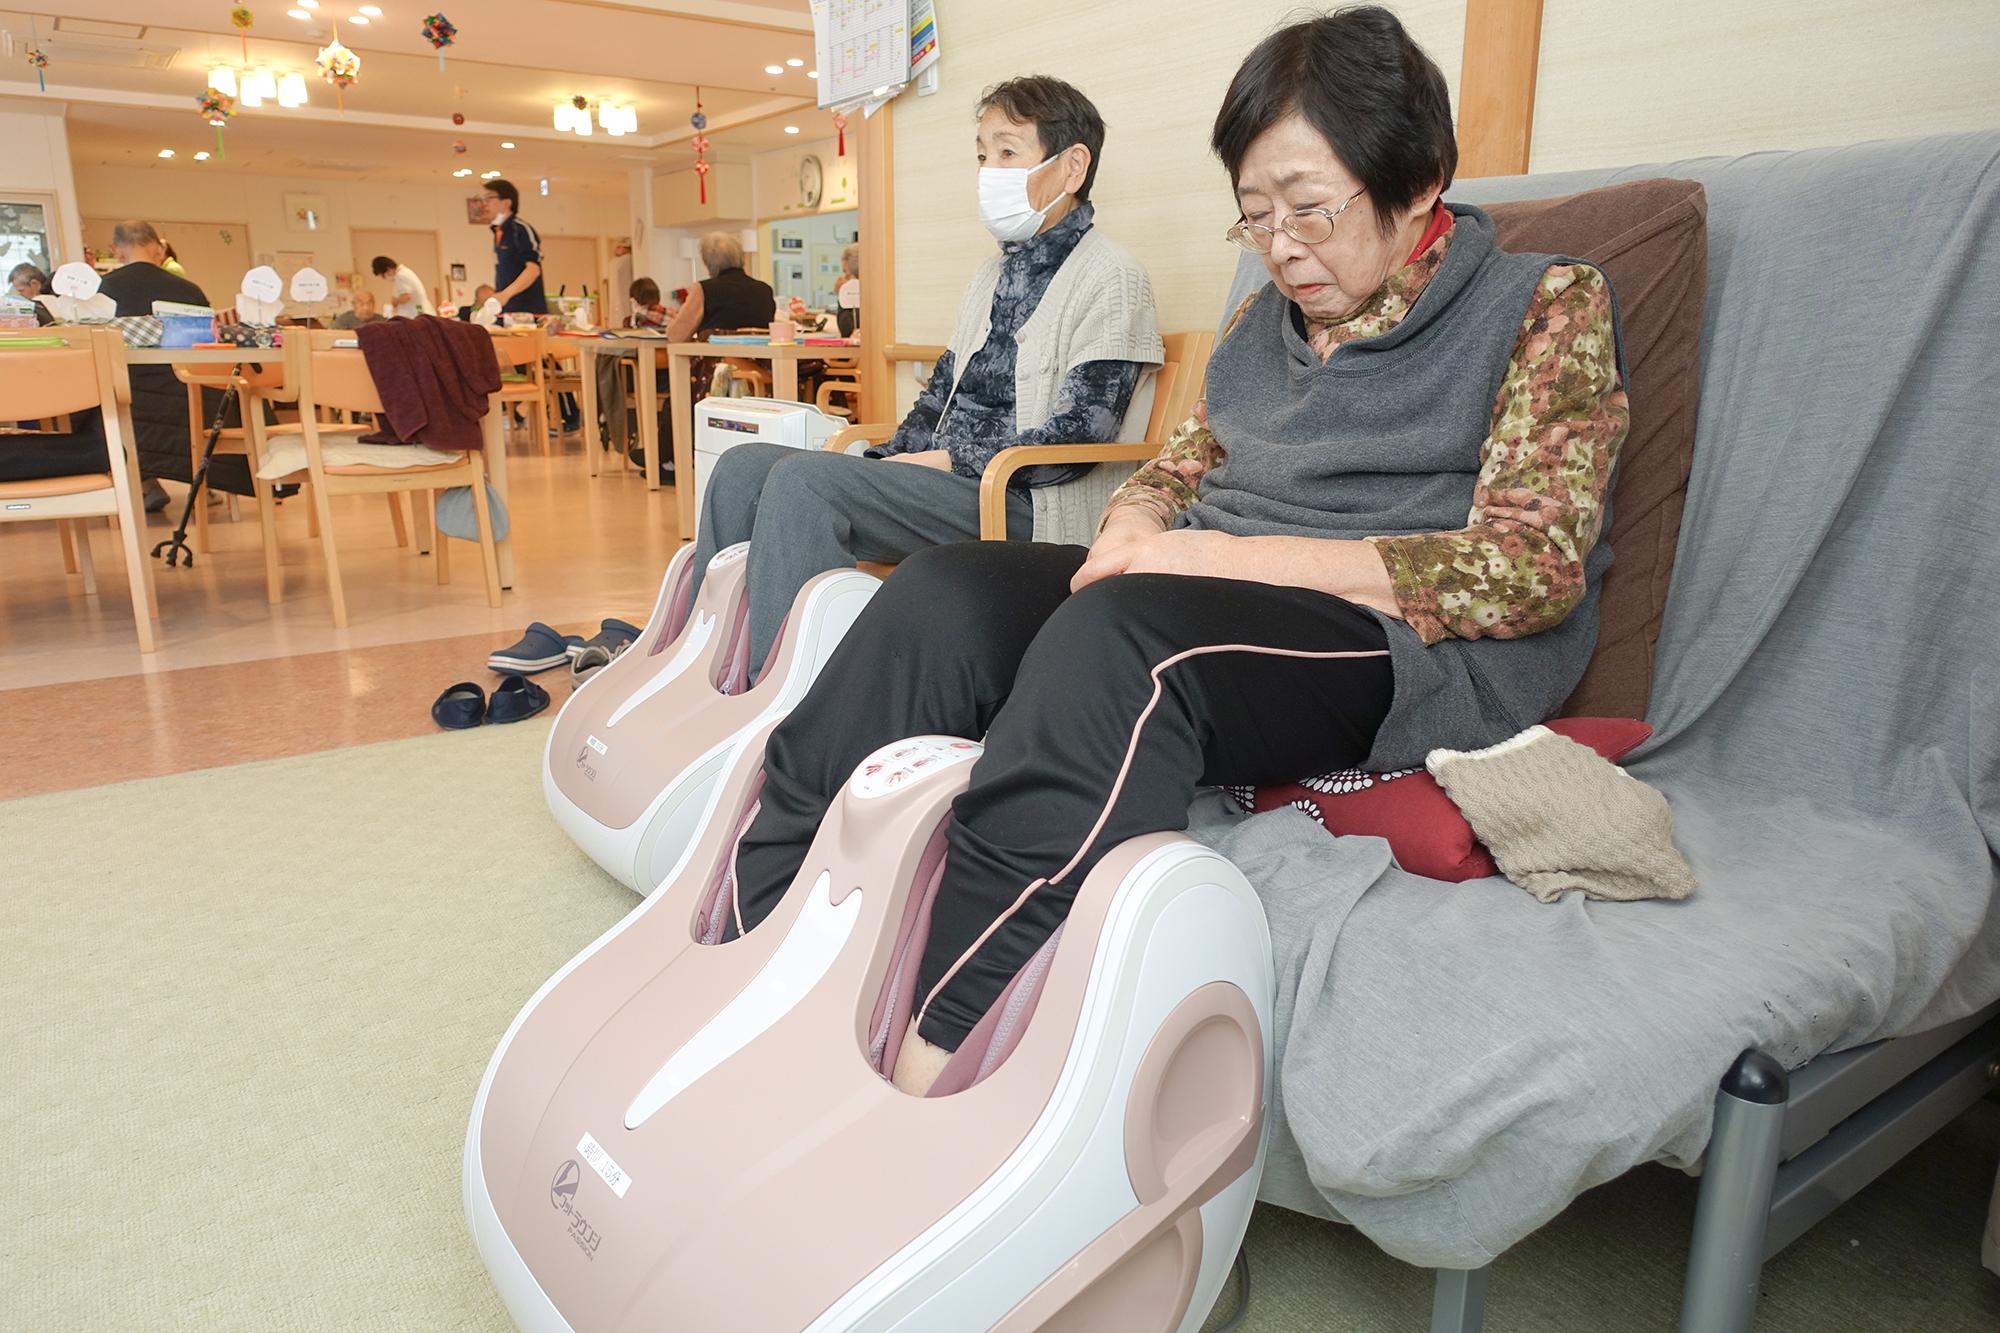 下肢マッサージ器具